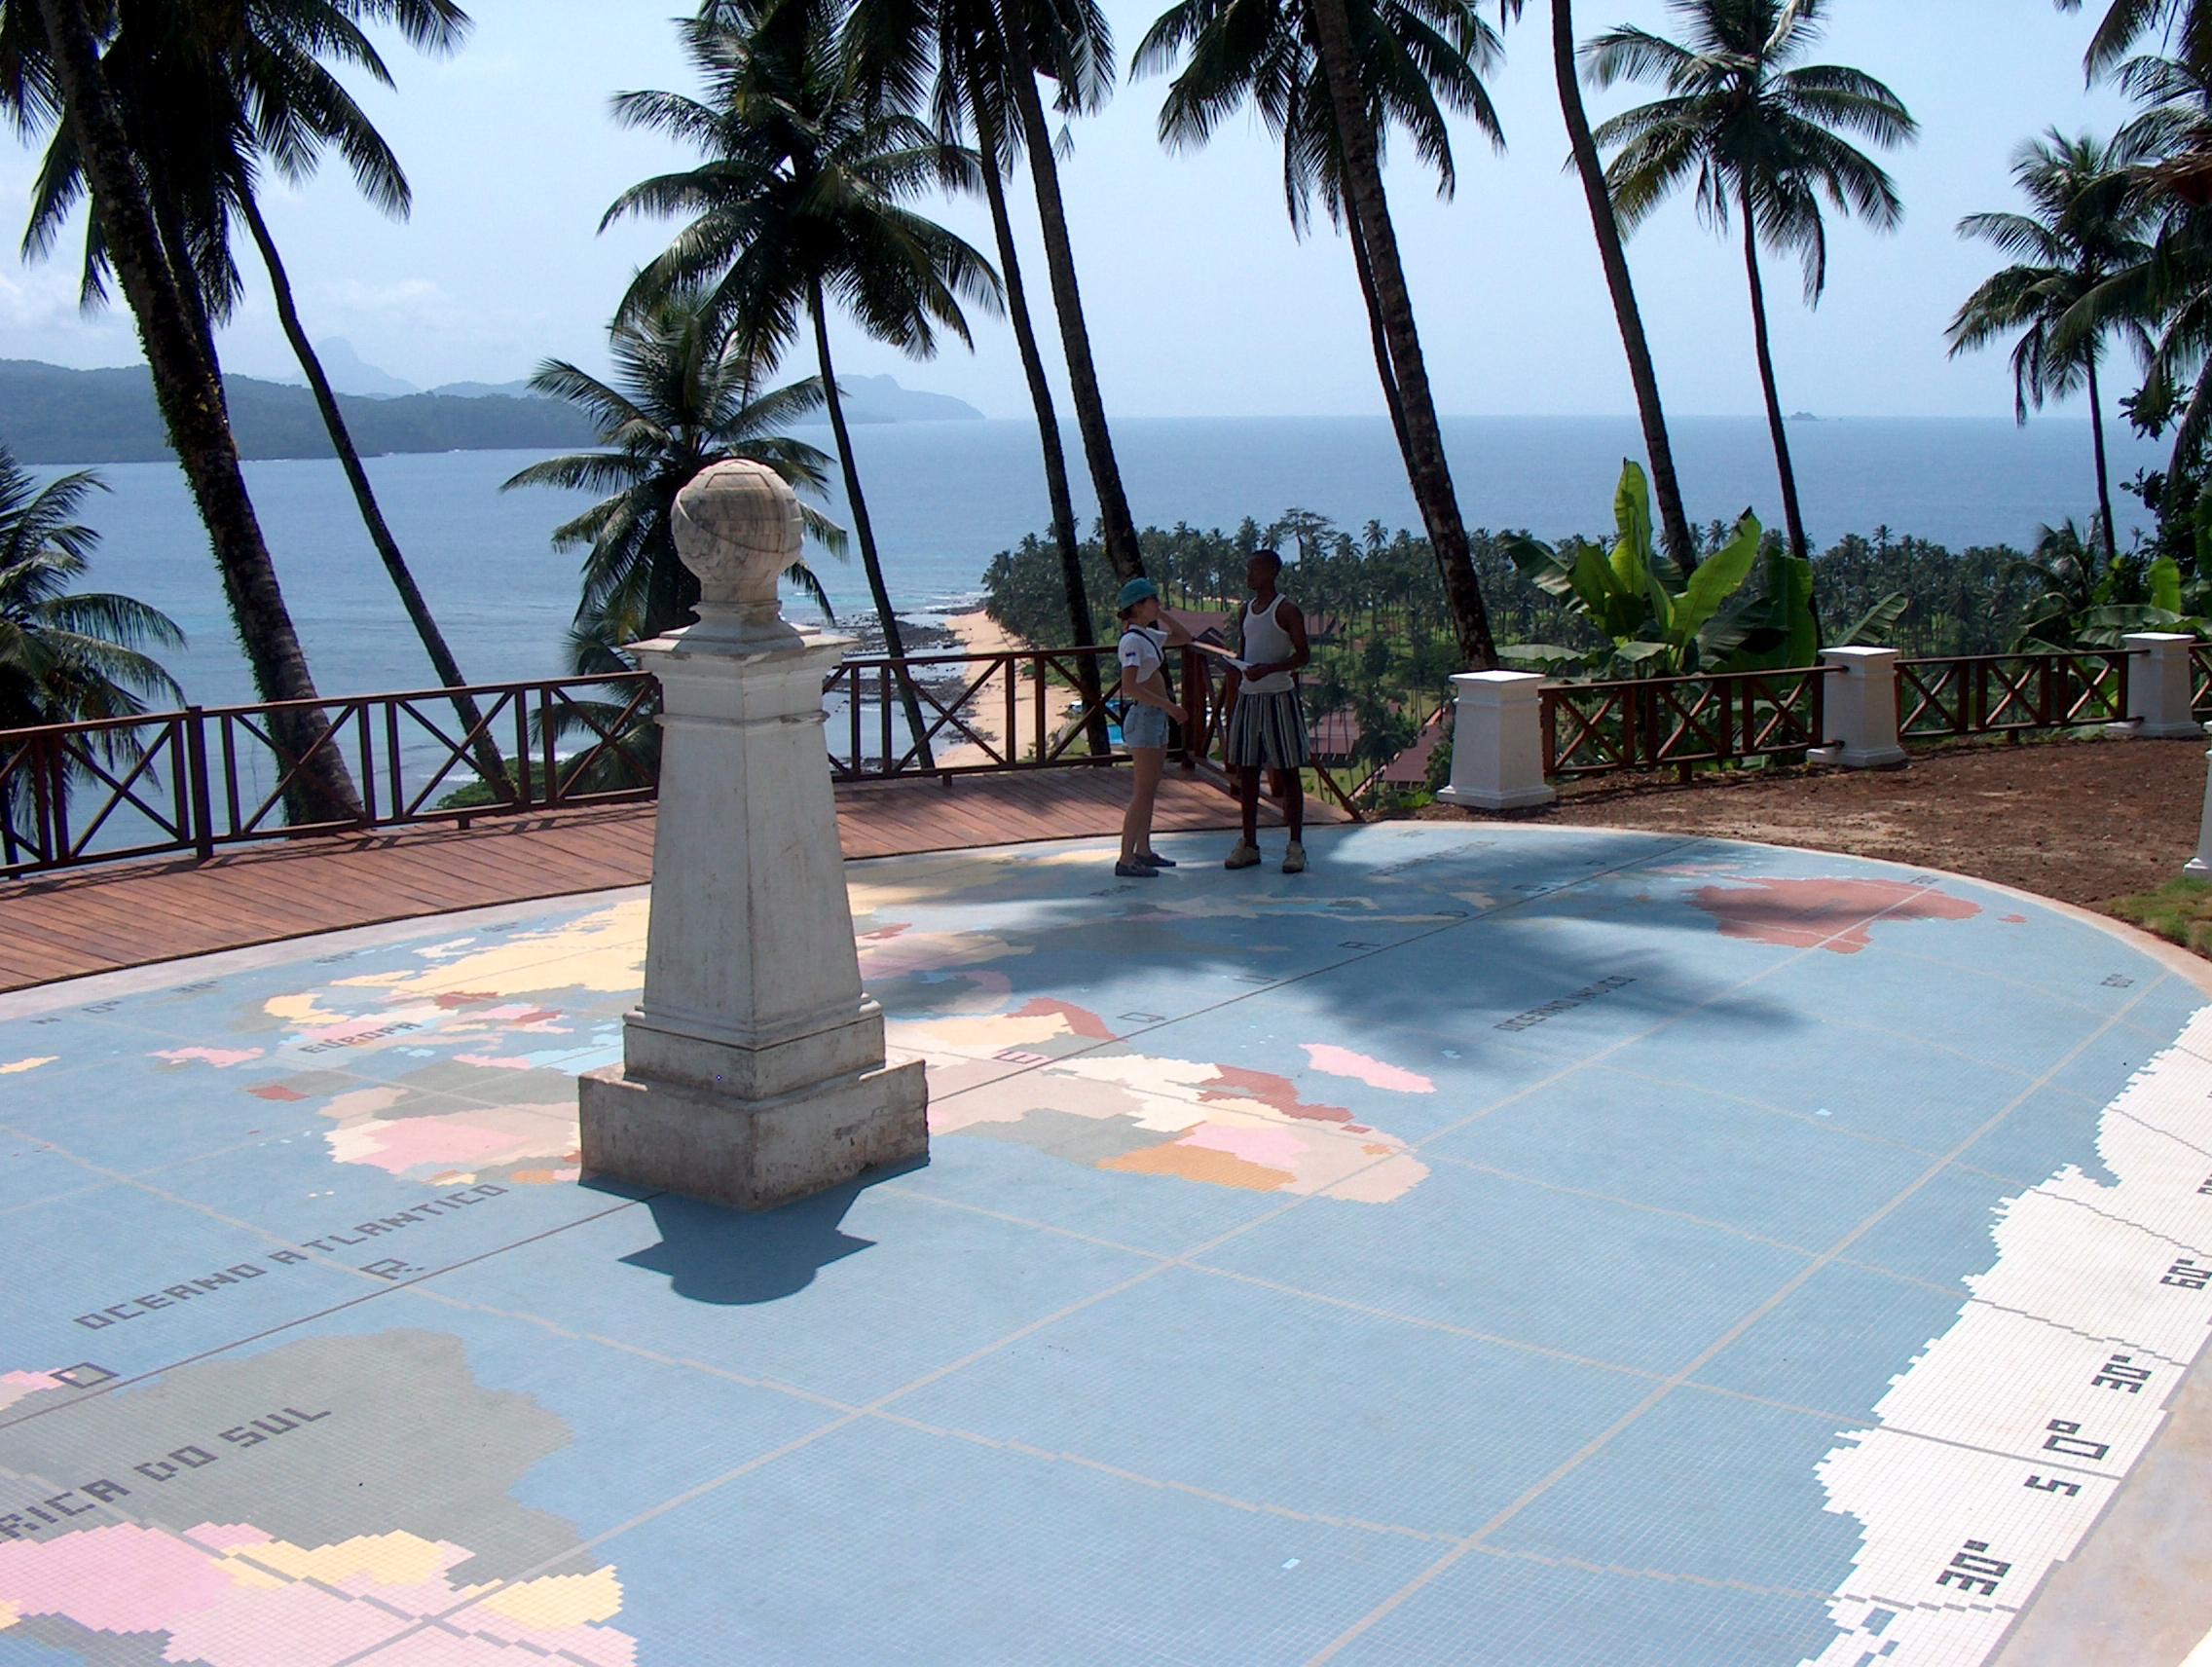 Monumento en Santo Tomé y Príncipe, dedicado a la línea del ecuador terrestre.